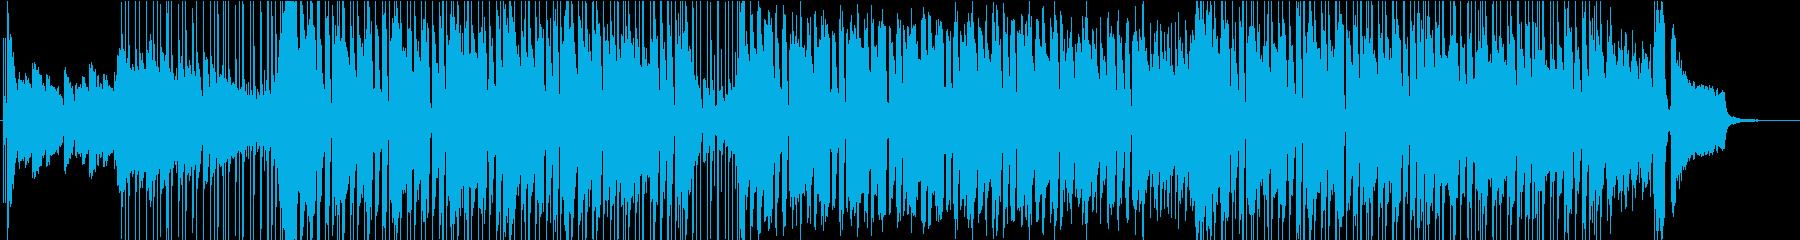 ポップ要素を多く含んだBGMの再生済みの波形